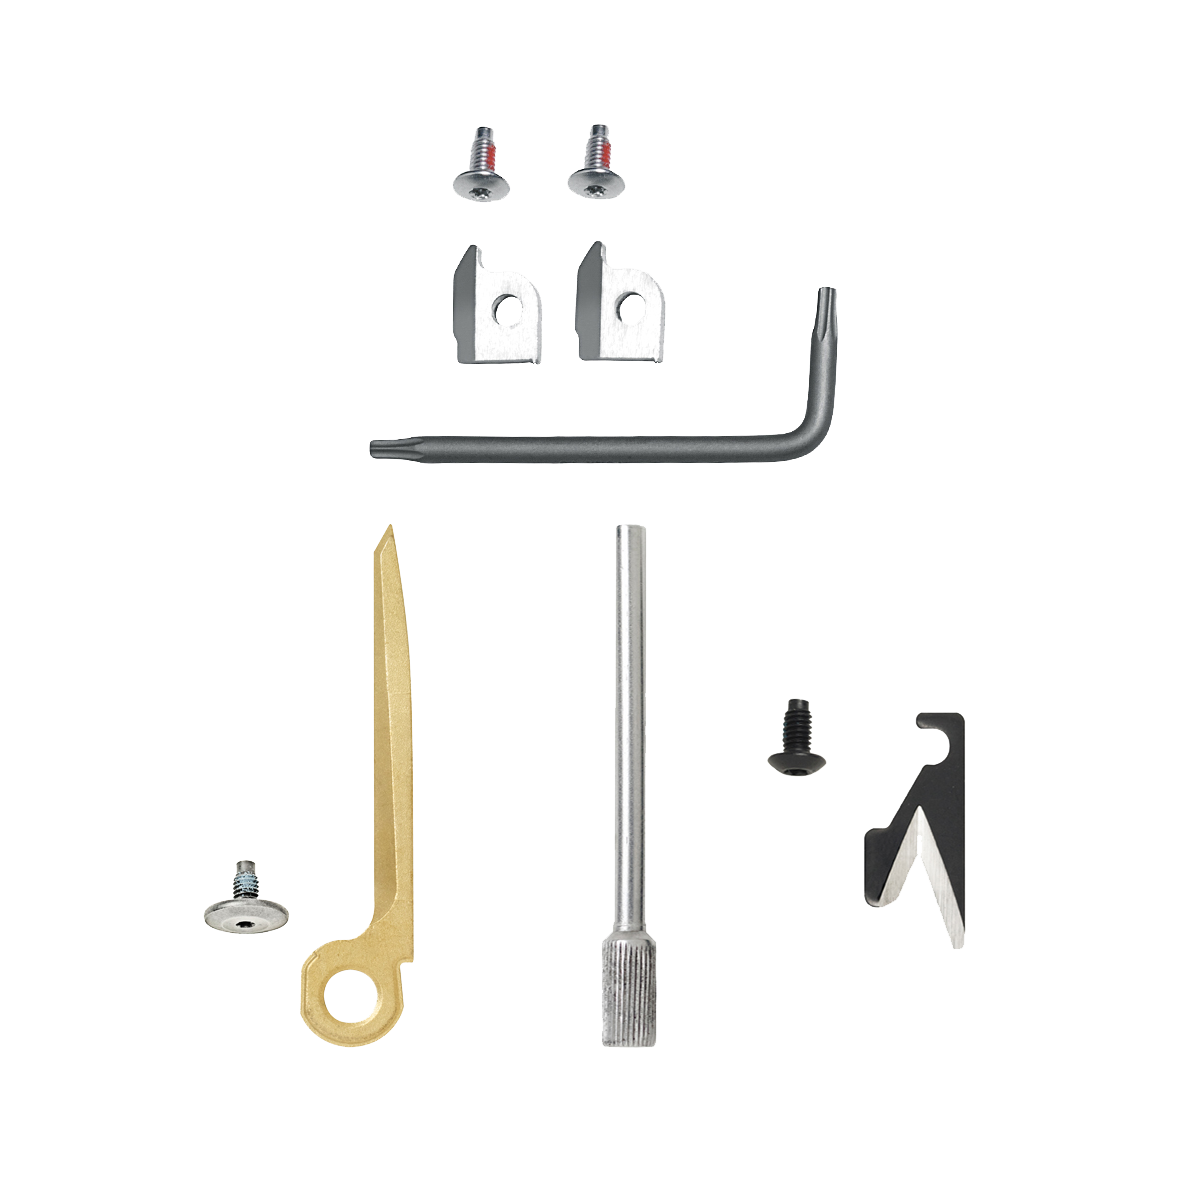 MUT® Accessory Kit